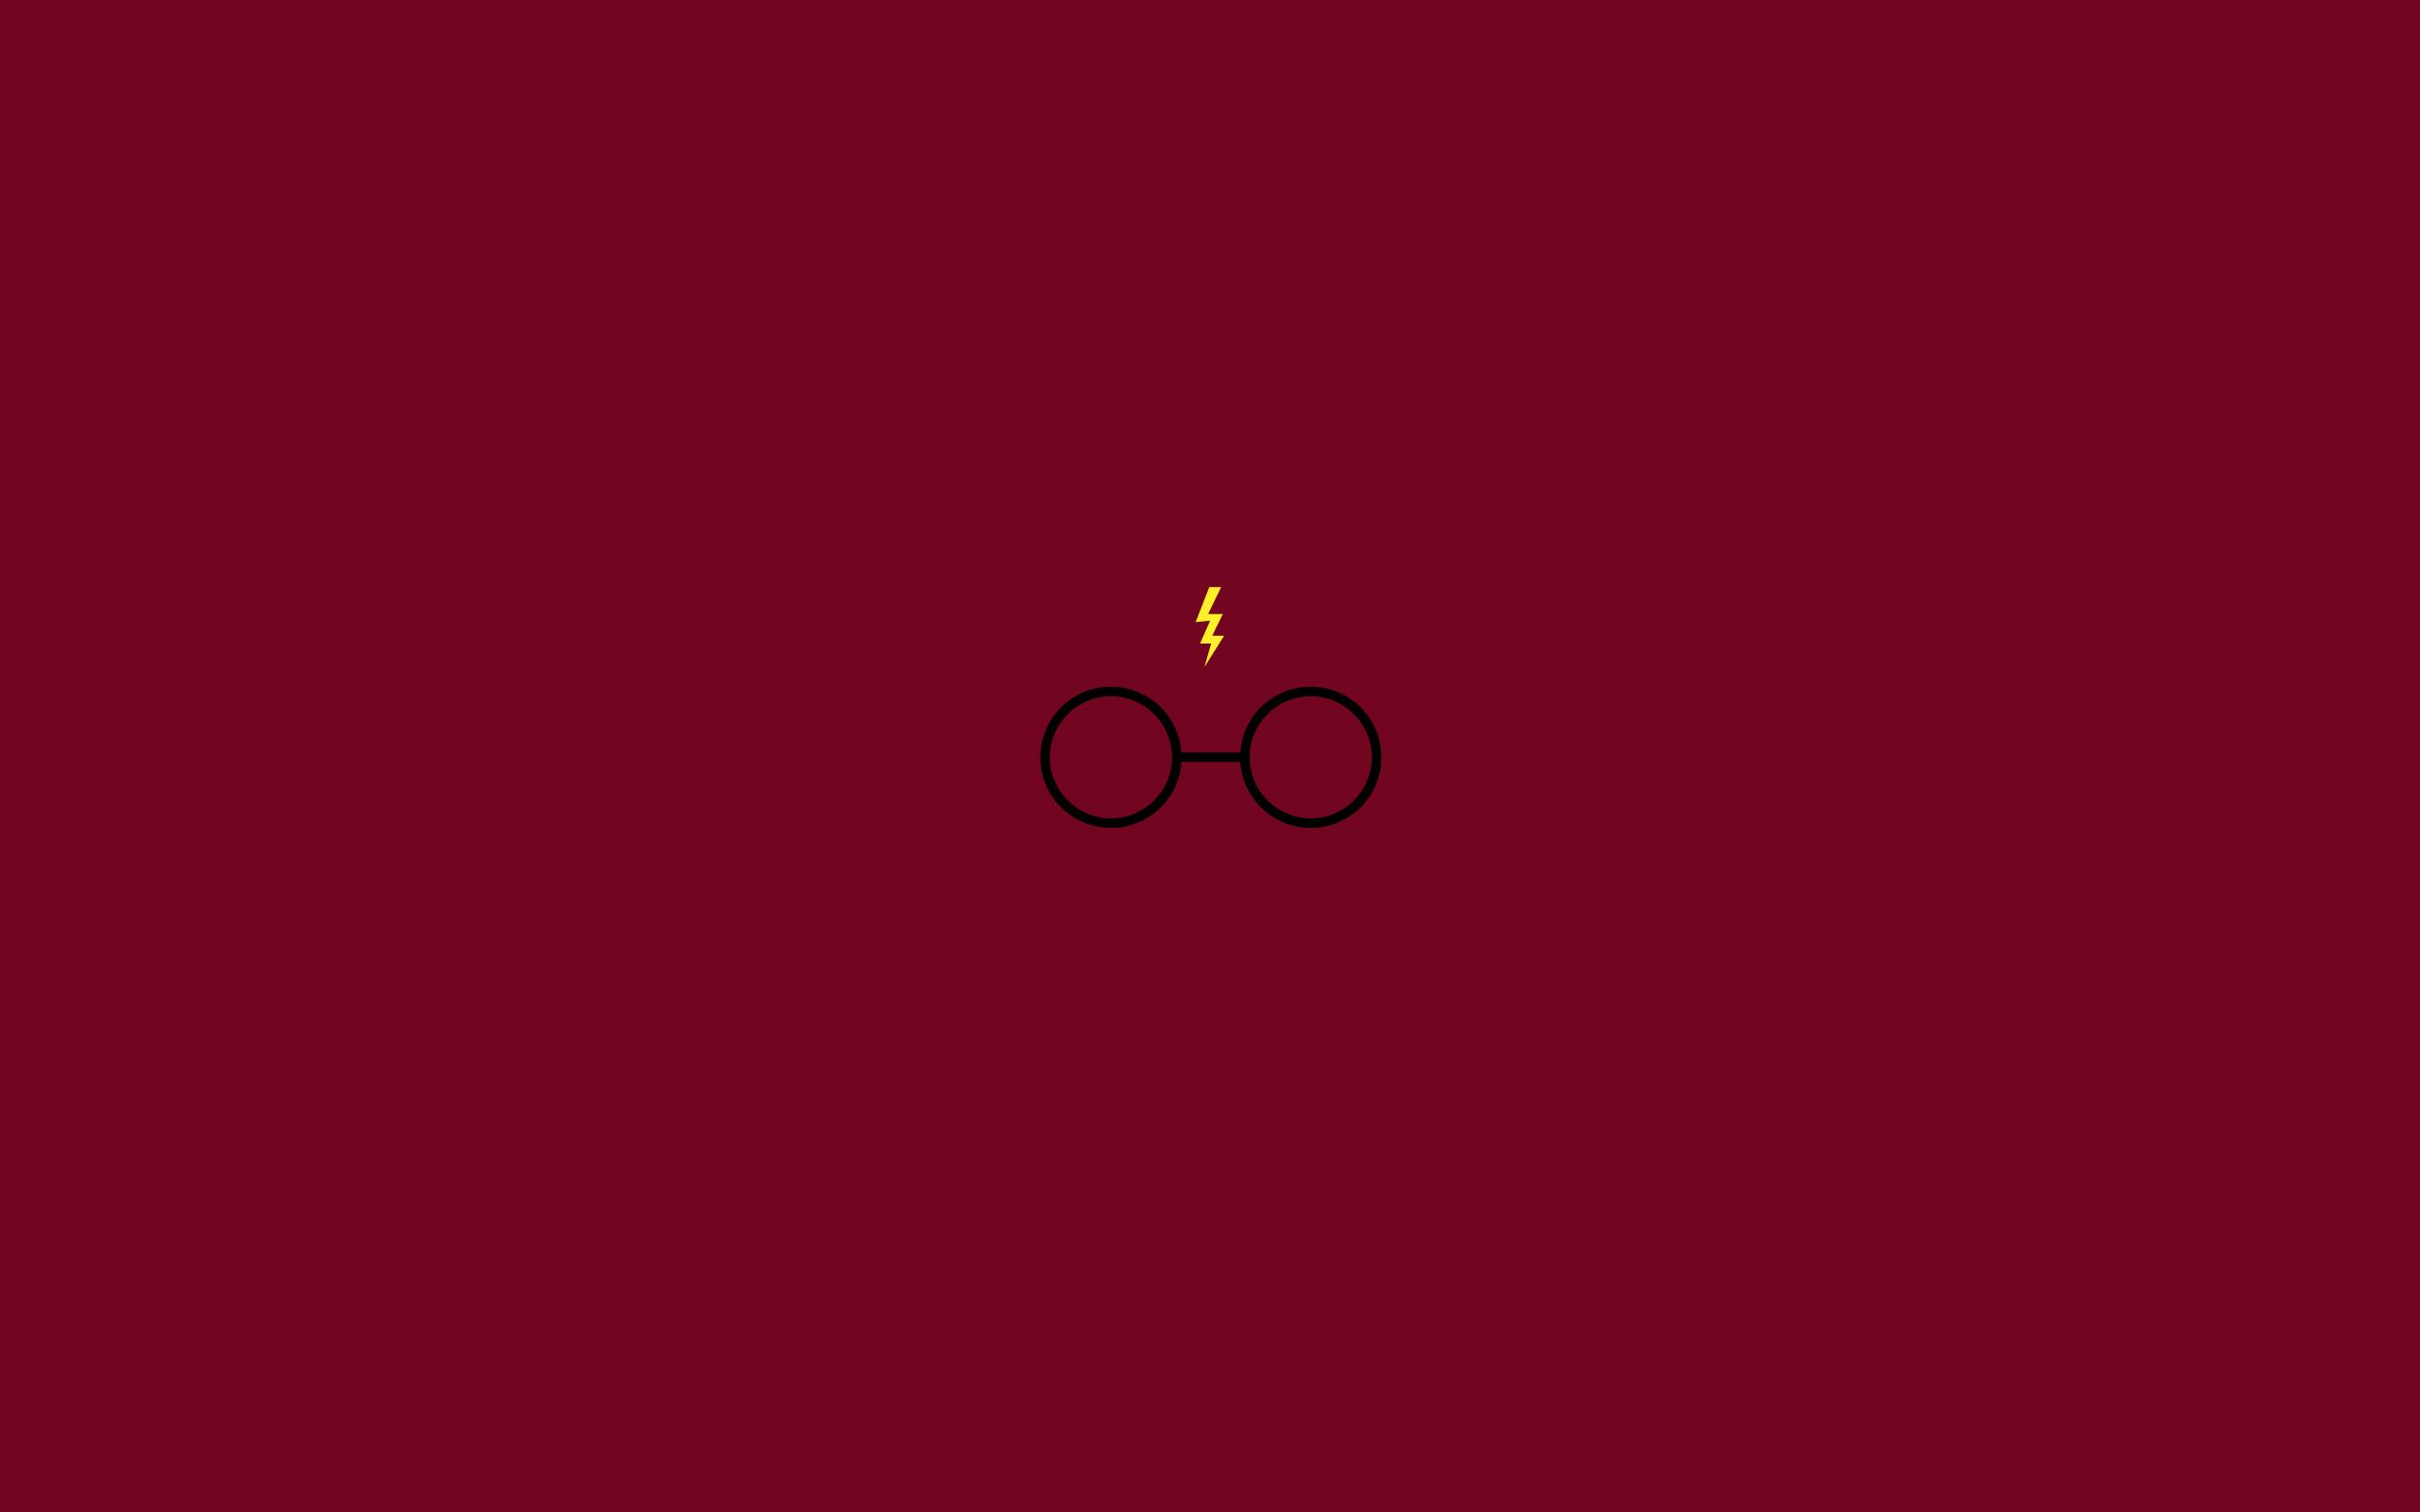 Tumblr Cute Iphone 5 Screensaver: Cute Harry Potter Wallpaper